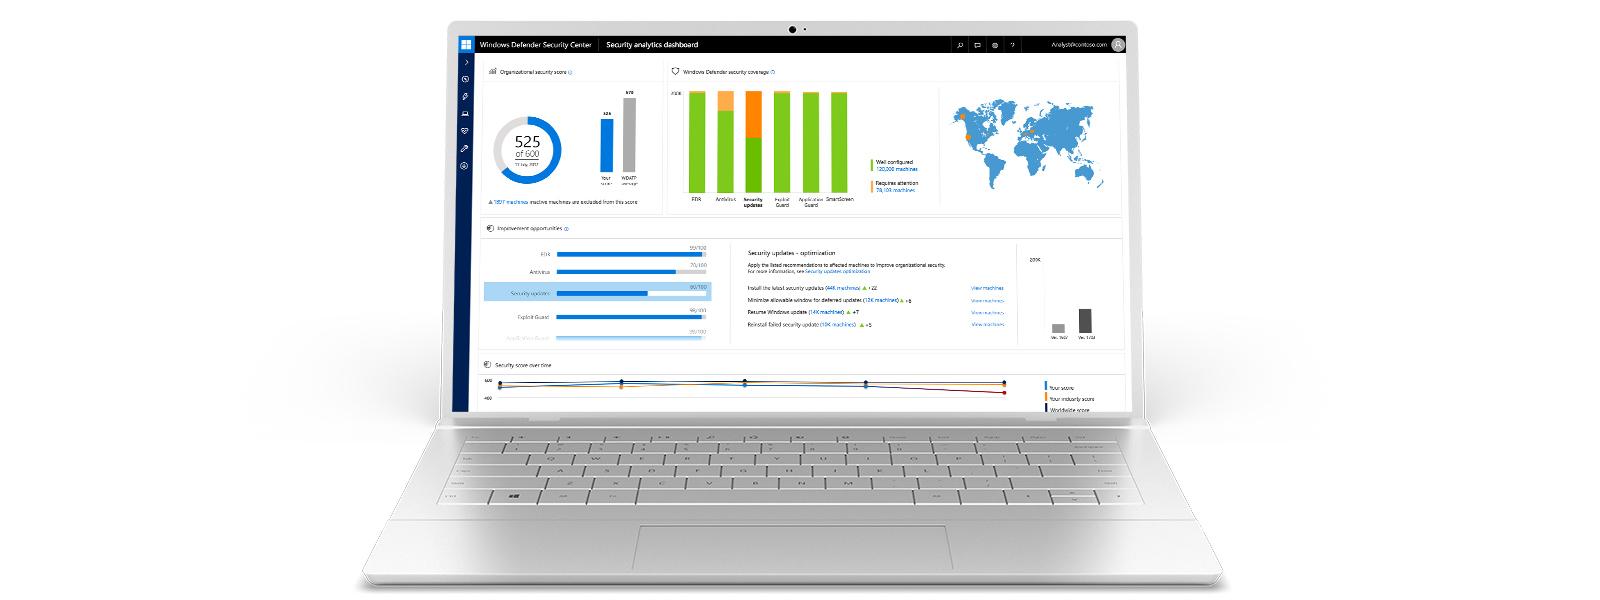 Windows 10 auf einem Surface Book